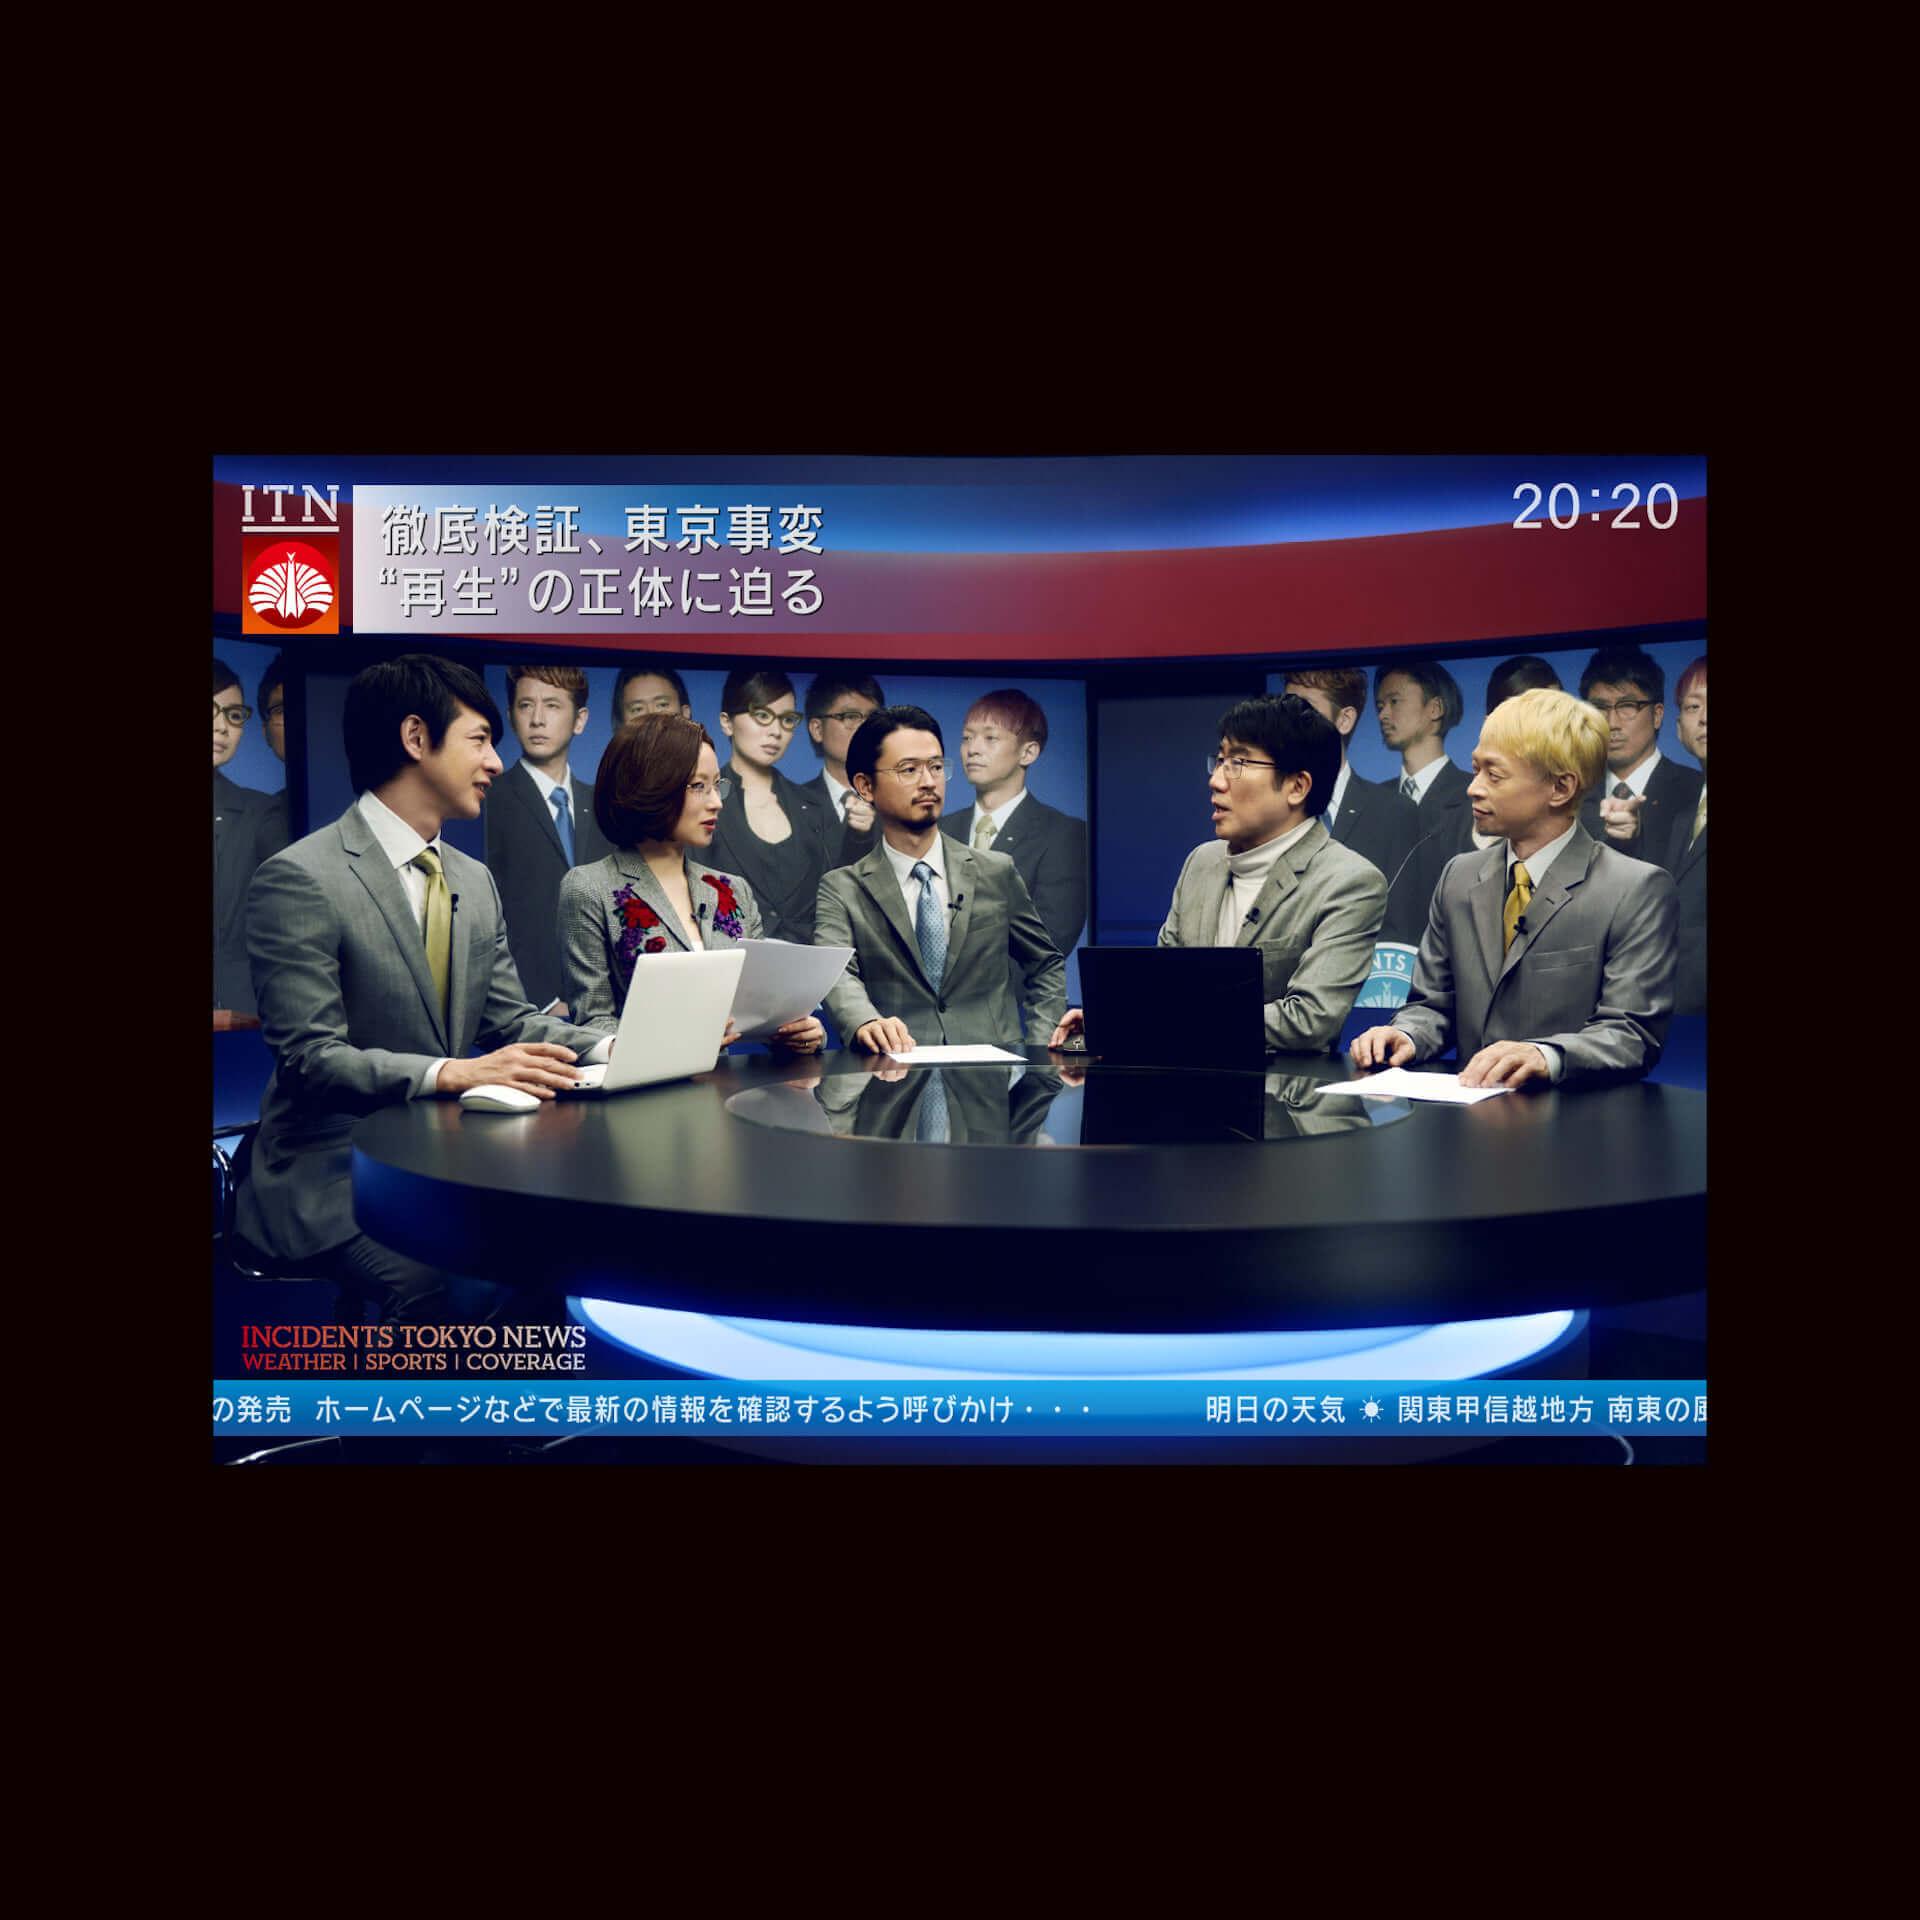 """東京事変が新曲を書き下ろし!""""赤の同盟""""が日本テレビ系新水曜ドラマ『私たちはどうかしている』の主題歌に決定 music200720_tokyojihen_02"""